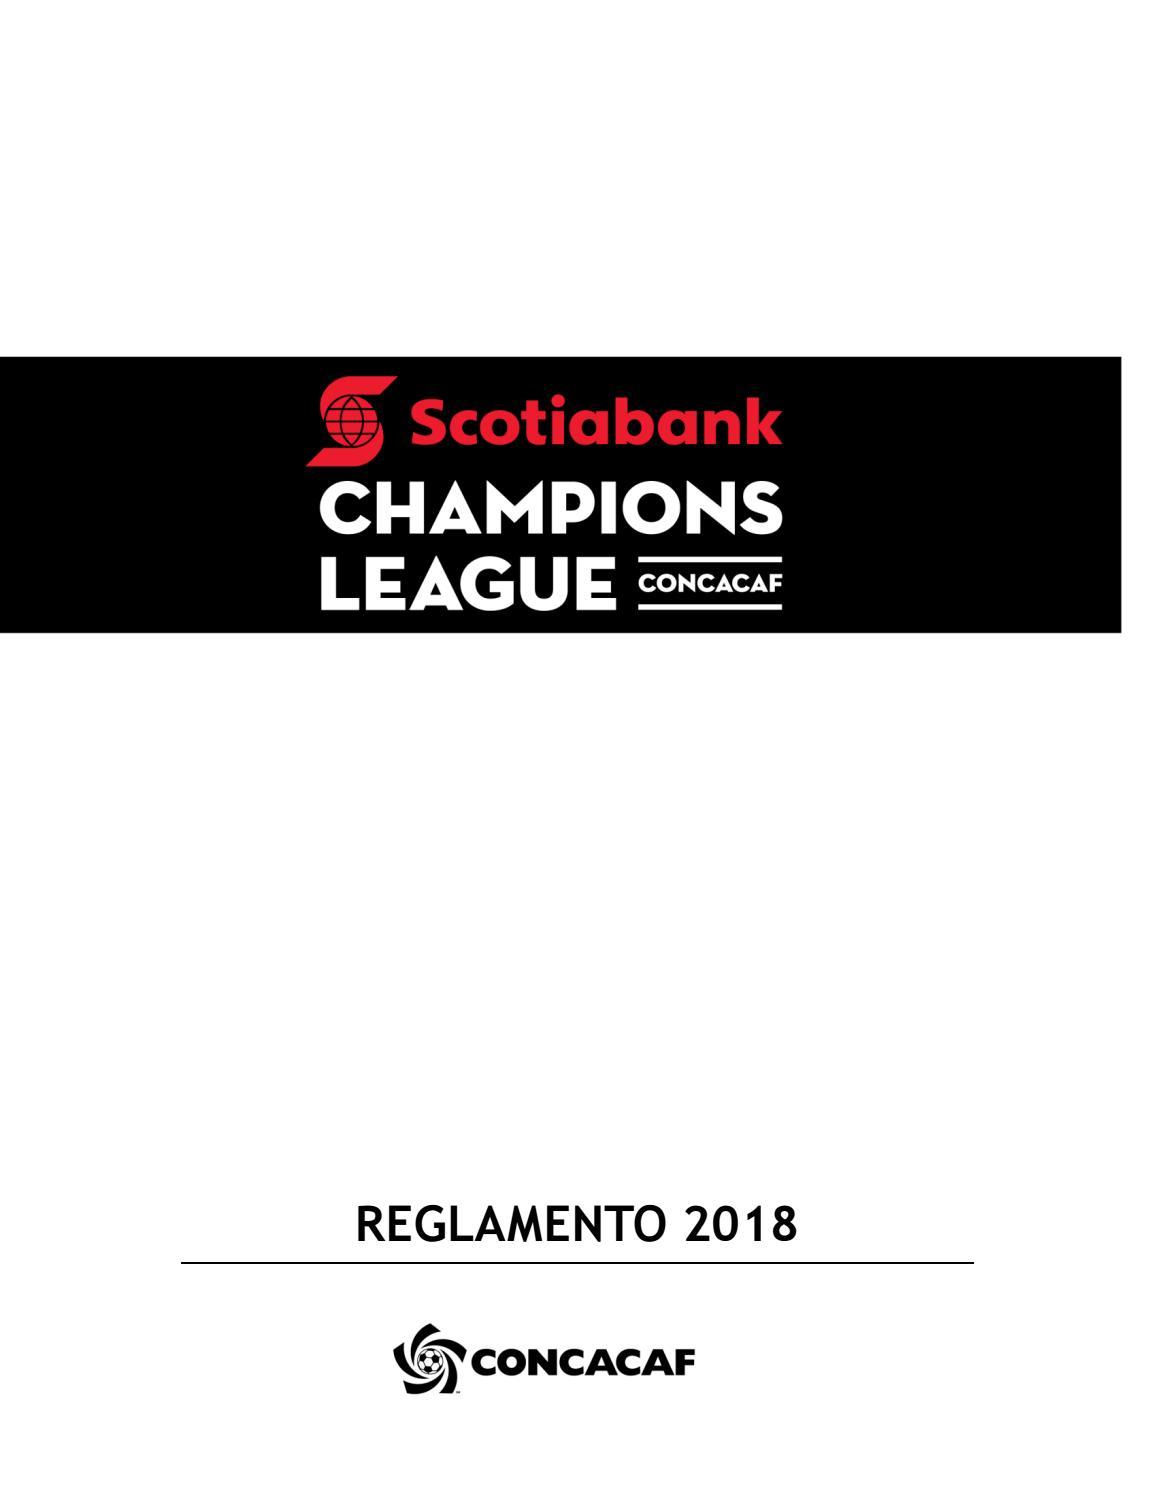 Liga de Campeones CONCACAF Scotiabank - Reglamento 2018 by ...